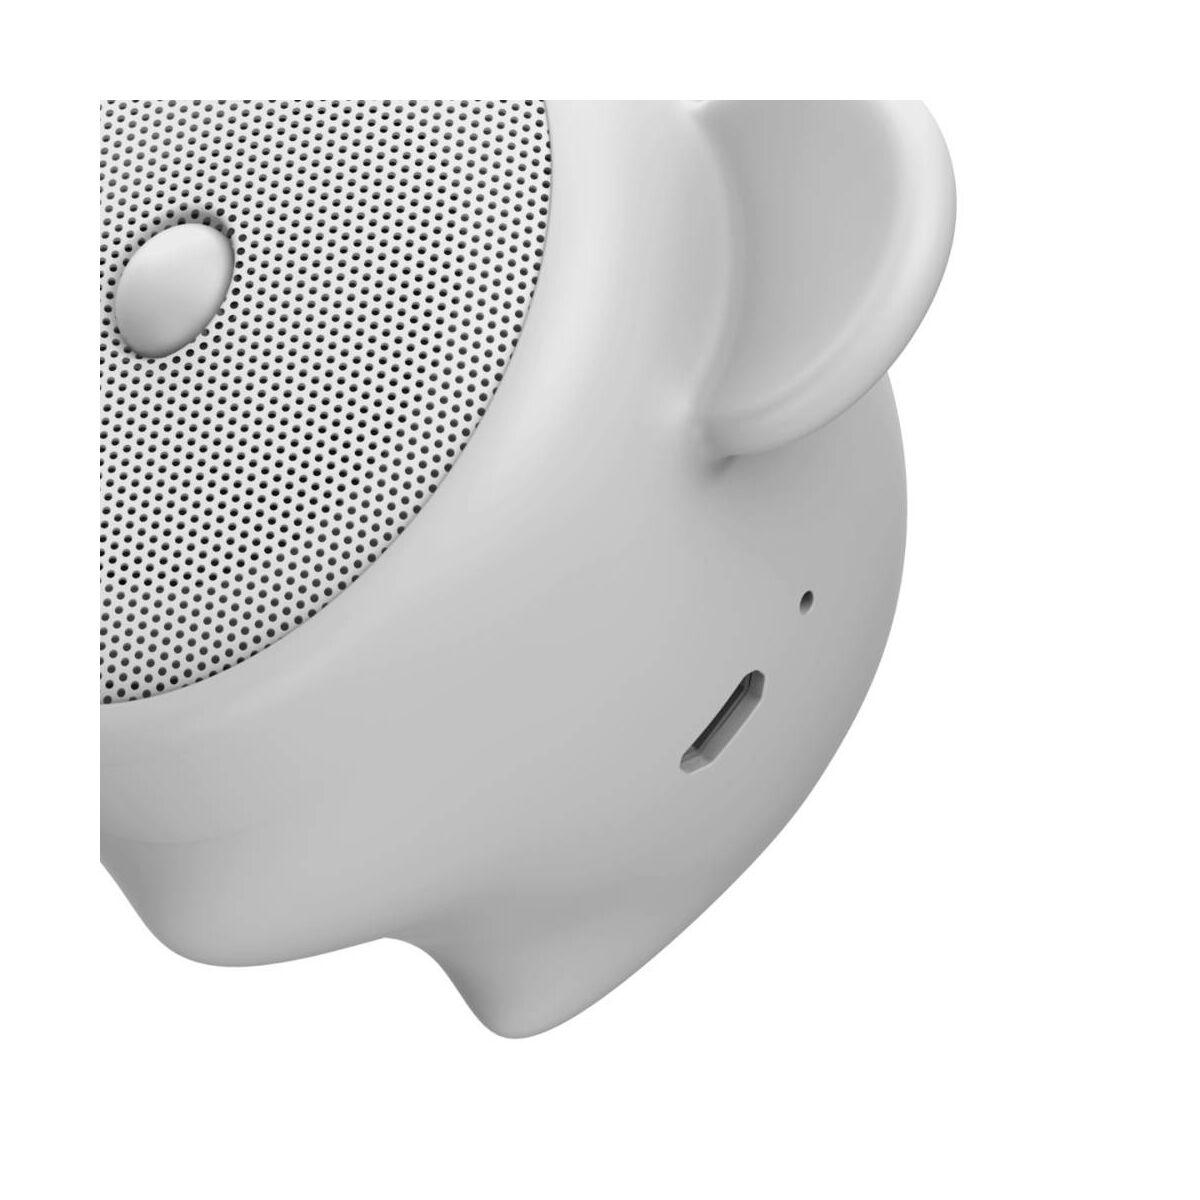 Baseus Hordozható hangszóró Bluetooth Encok E06, 4-5 óra zene hallgatás, 450 mAh,kínai zodiákus egér, szürke (NGE06-0G)